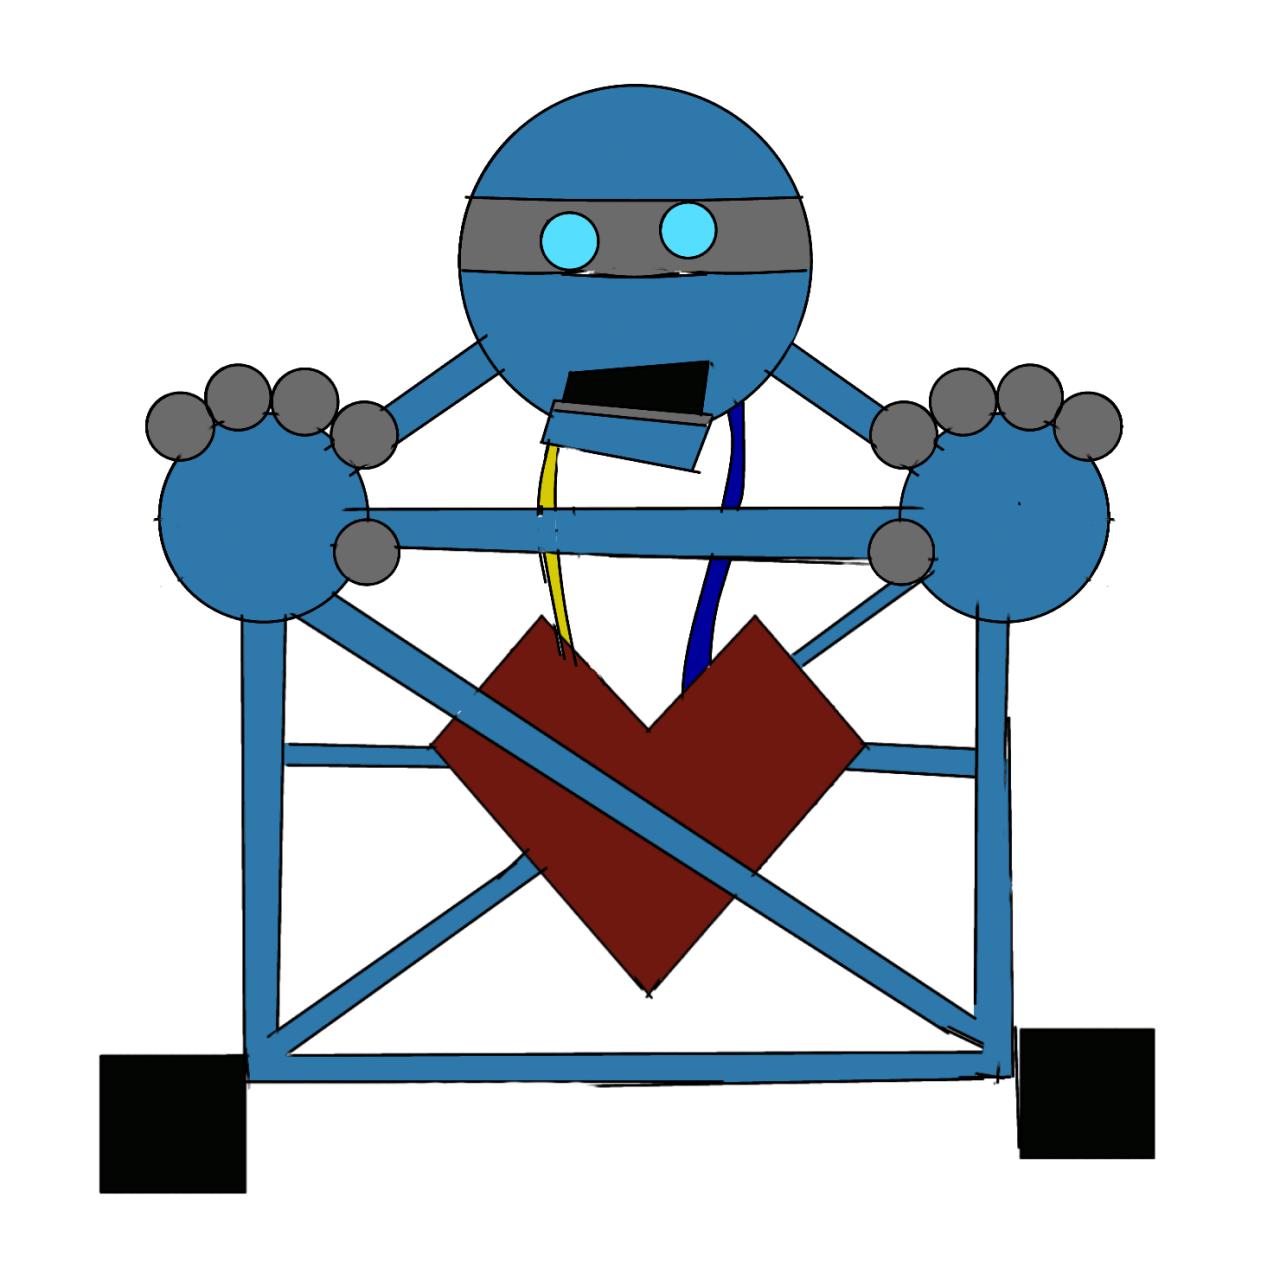 Robo prize